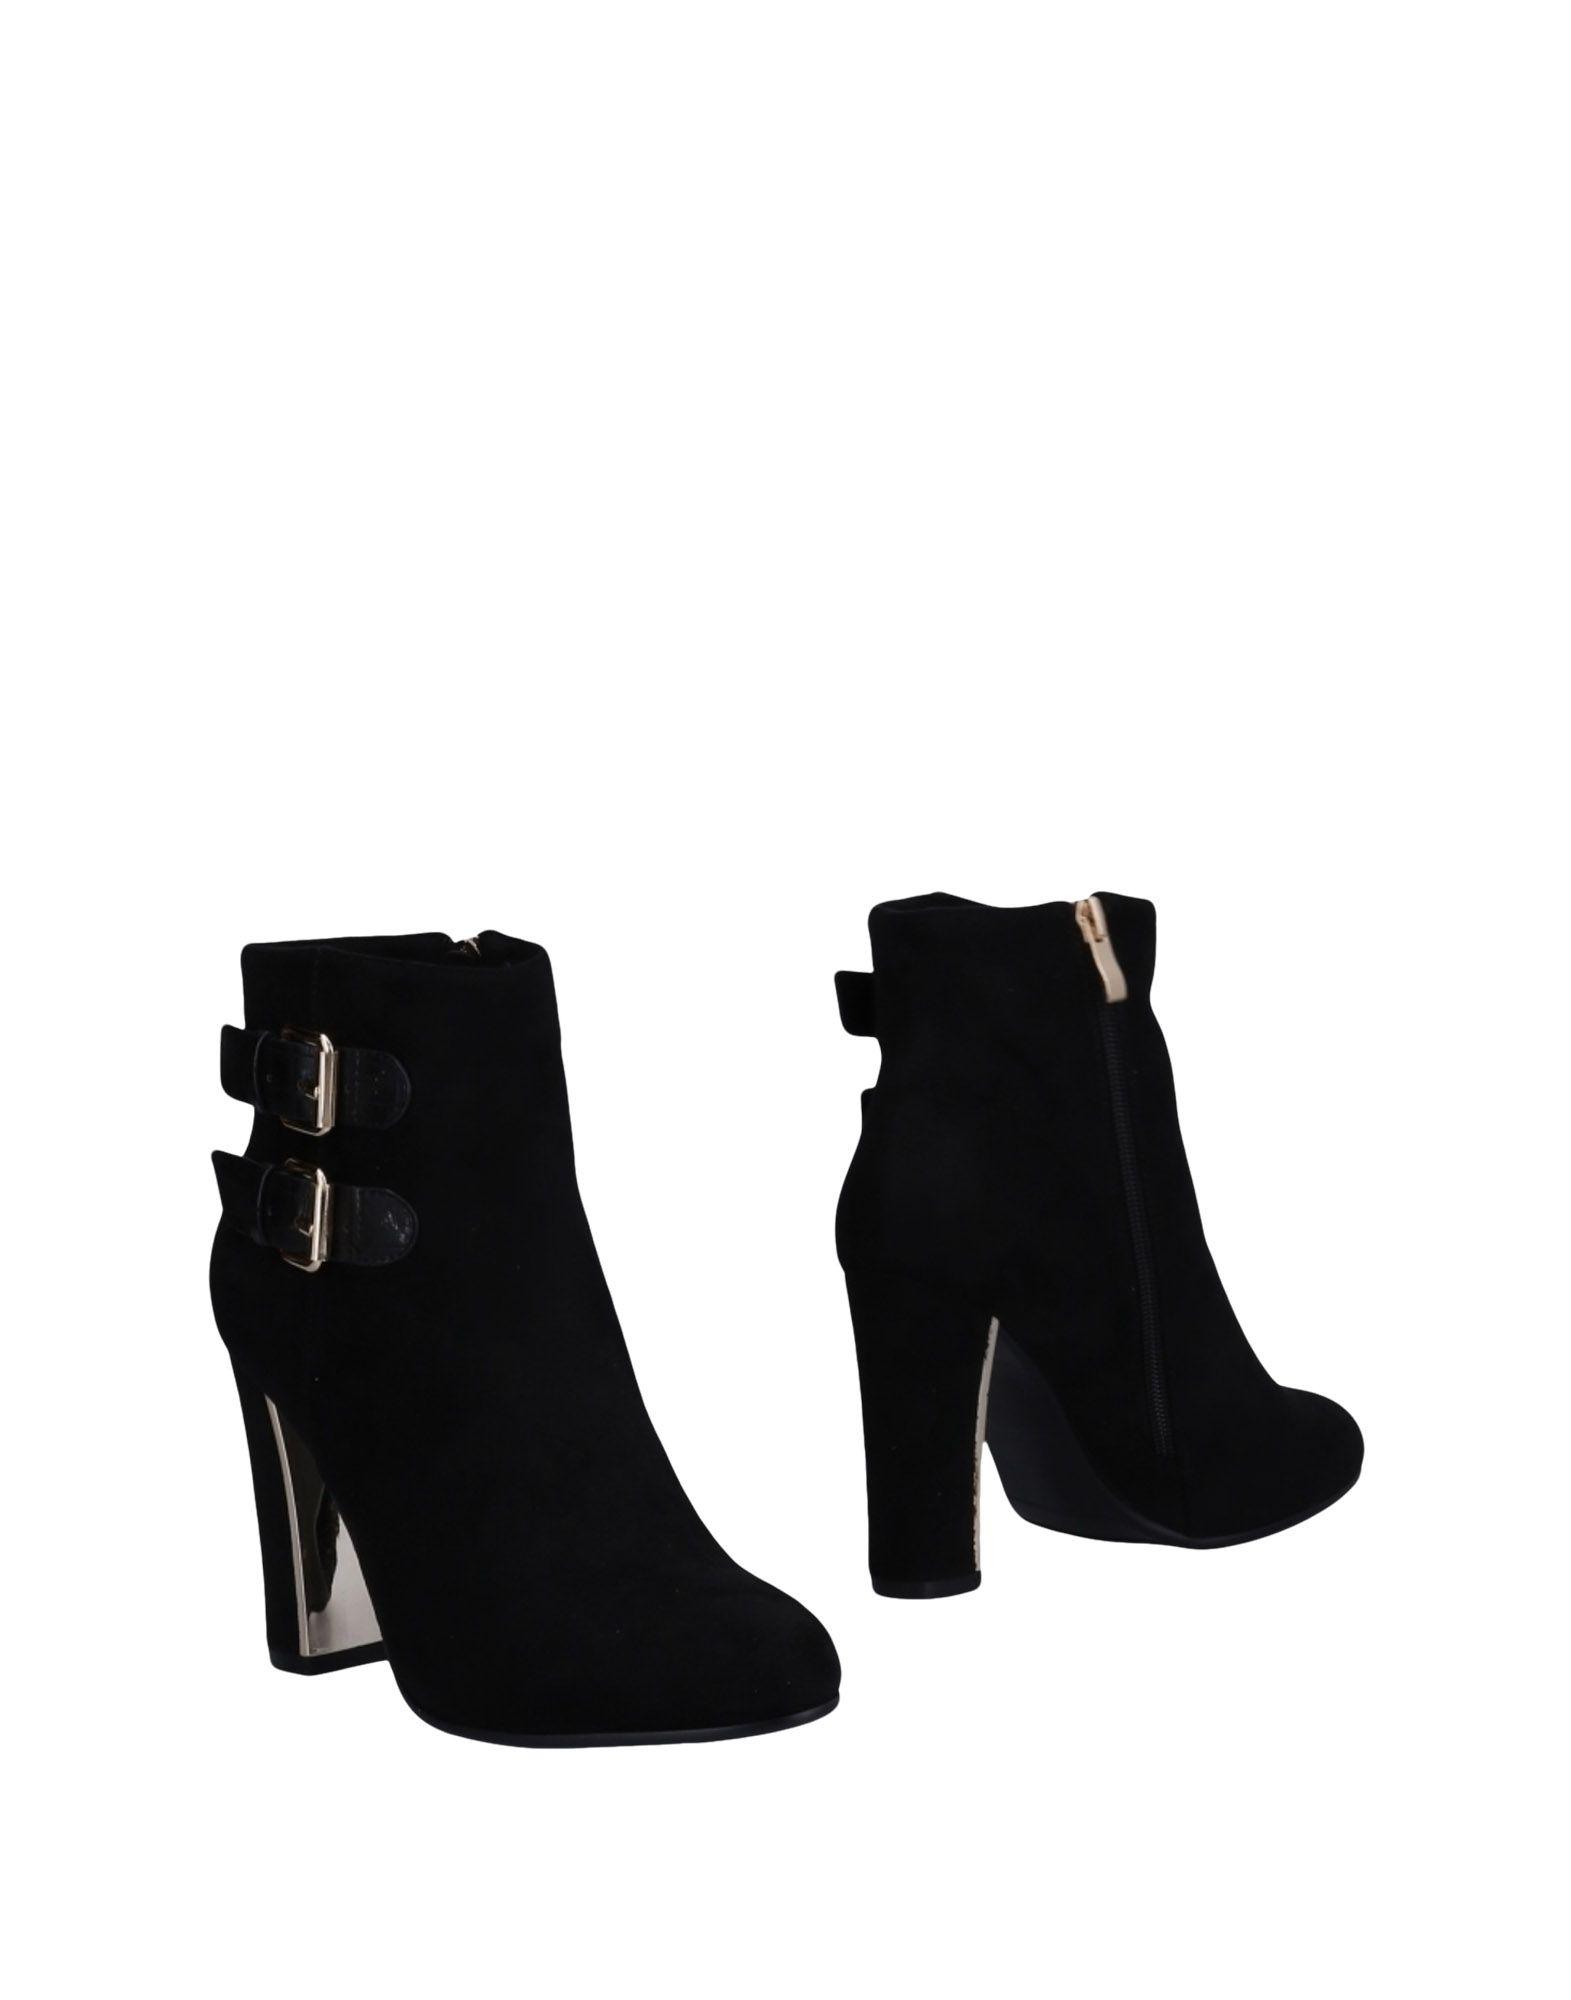 Vivien Lee Stiefelette Qualität Damen  11491659AH Gute Qualität Stiefelette beliebte Schuhe 75938d